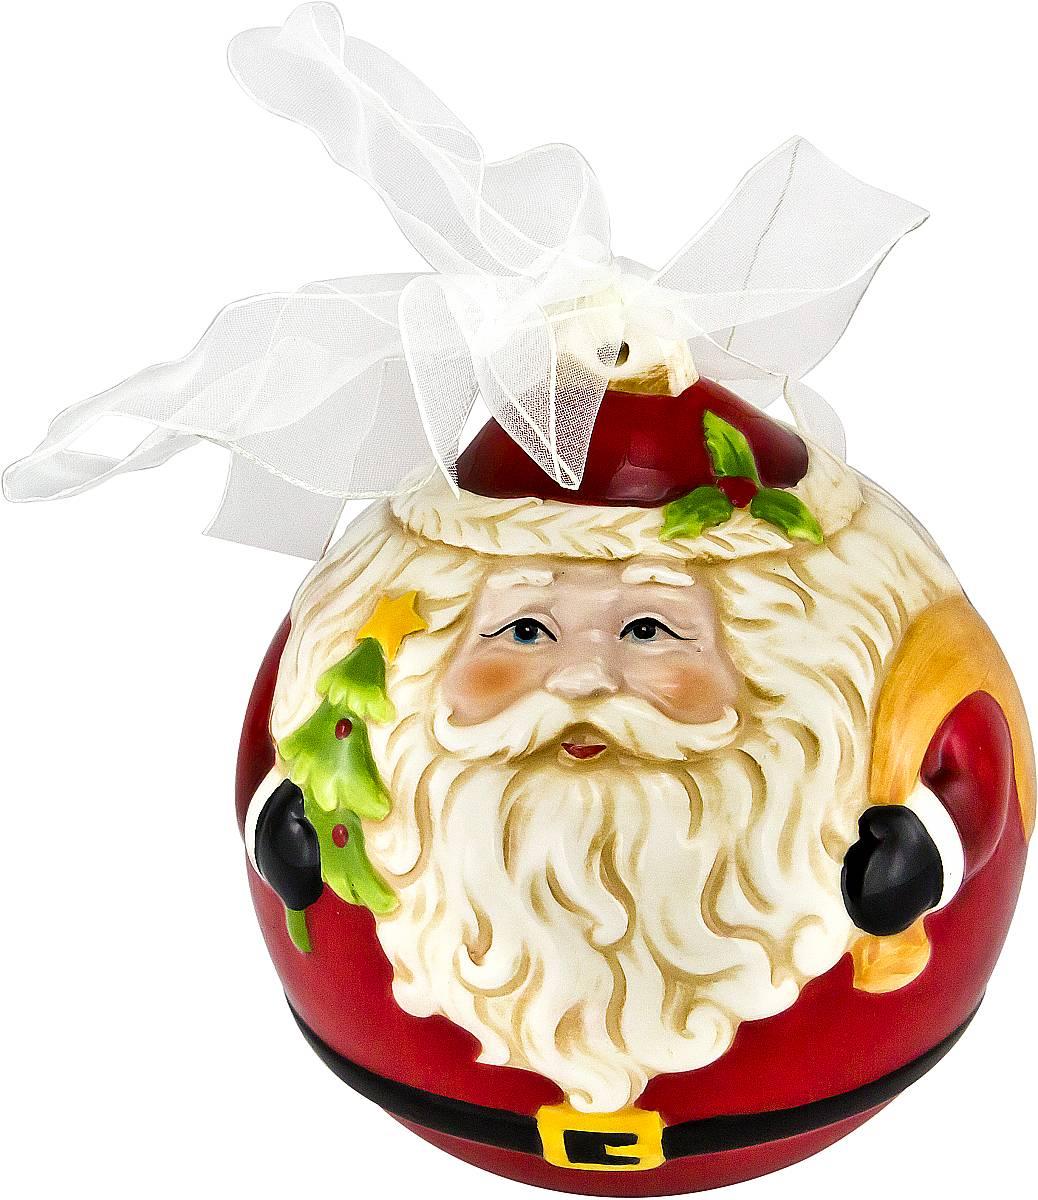 Украшение новогоднее подвесное Mister Christmas Дед Мороз, длина 13,5 смN02338Новогоднее подвесное украшение Mister Christmas Дед Мороз прекрасно подойдет для праздничного декора новогодней ели. Украшение выполнено из керамики. Для удобного размещения на елке предусмотрена петелька в виде ленты. Елочная игрушка - символ Нового года. Она несет в себе волшебство и красоту праздника. Создайте в своем доме атмосферу веселья и радости, украшая новогоднюю елку нарядными игрушками, которые будут из года в год накапливать теплоту воспоминаний.